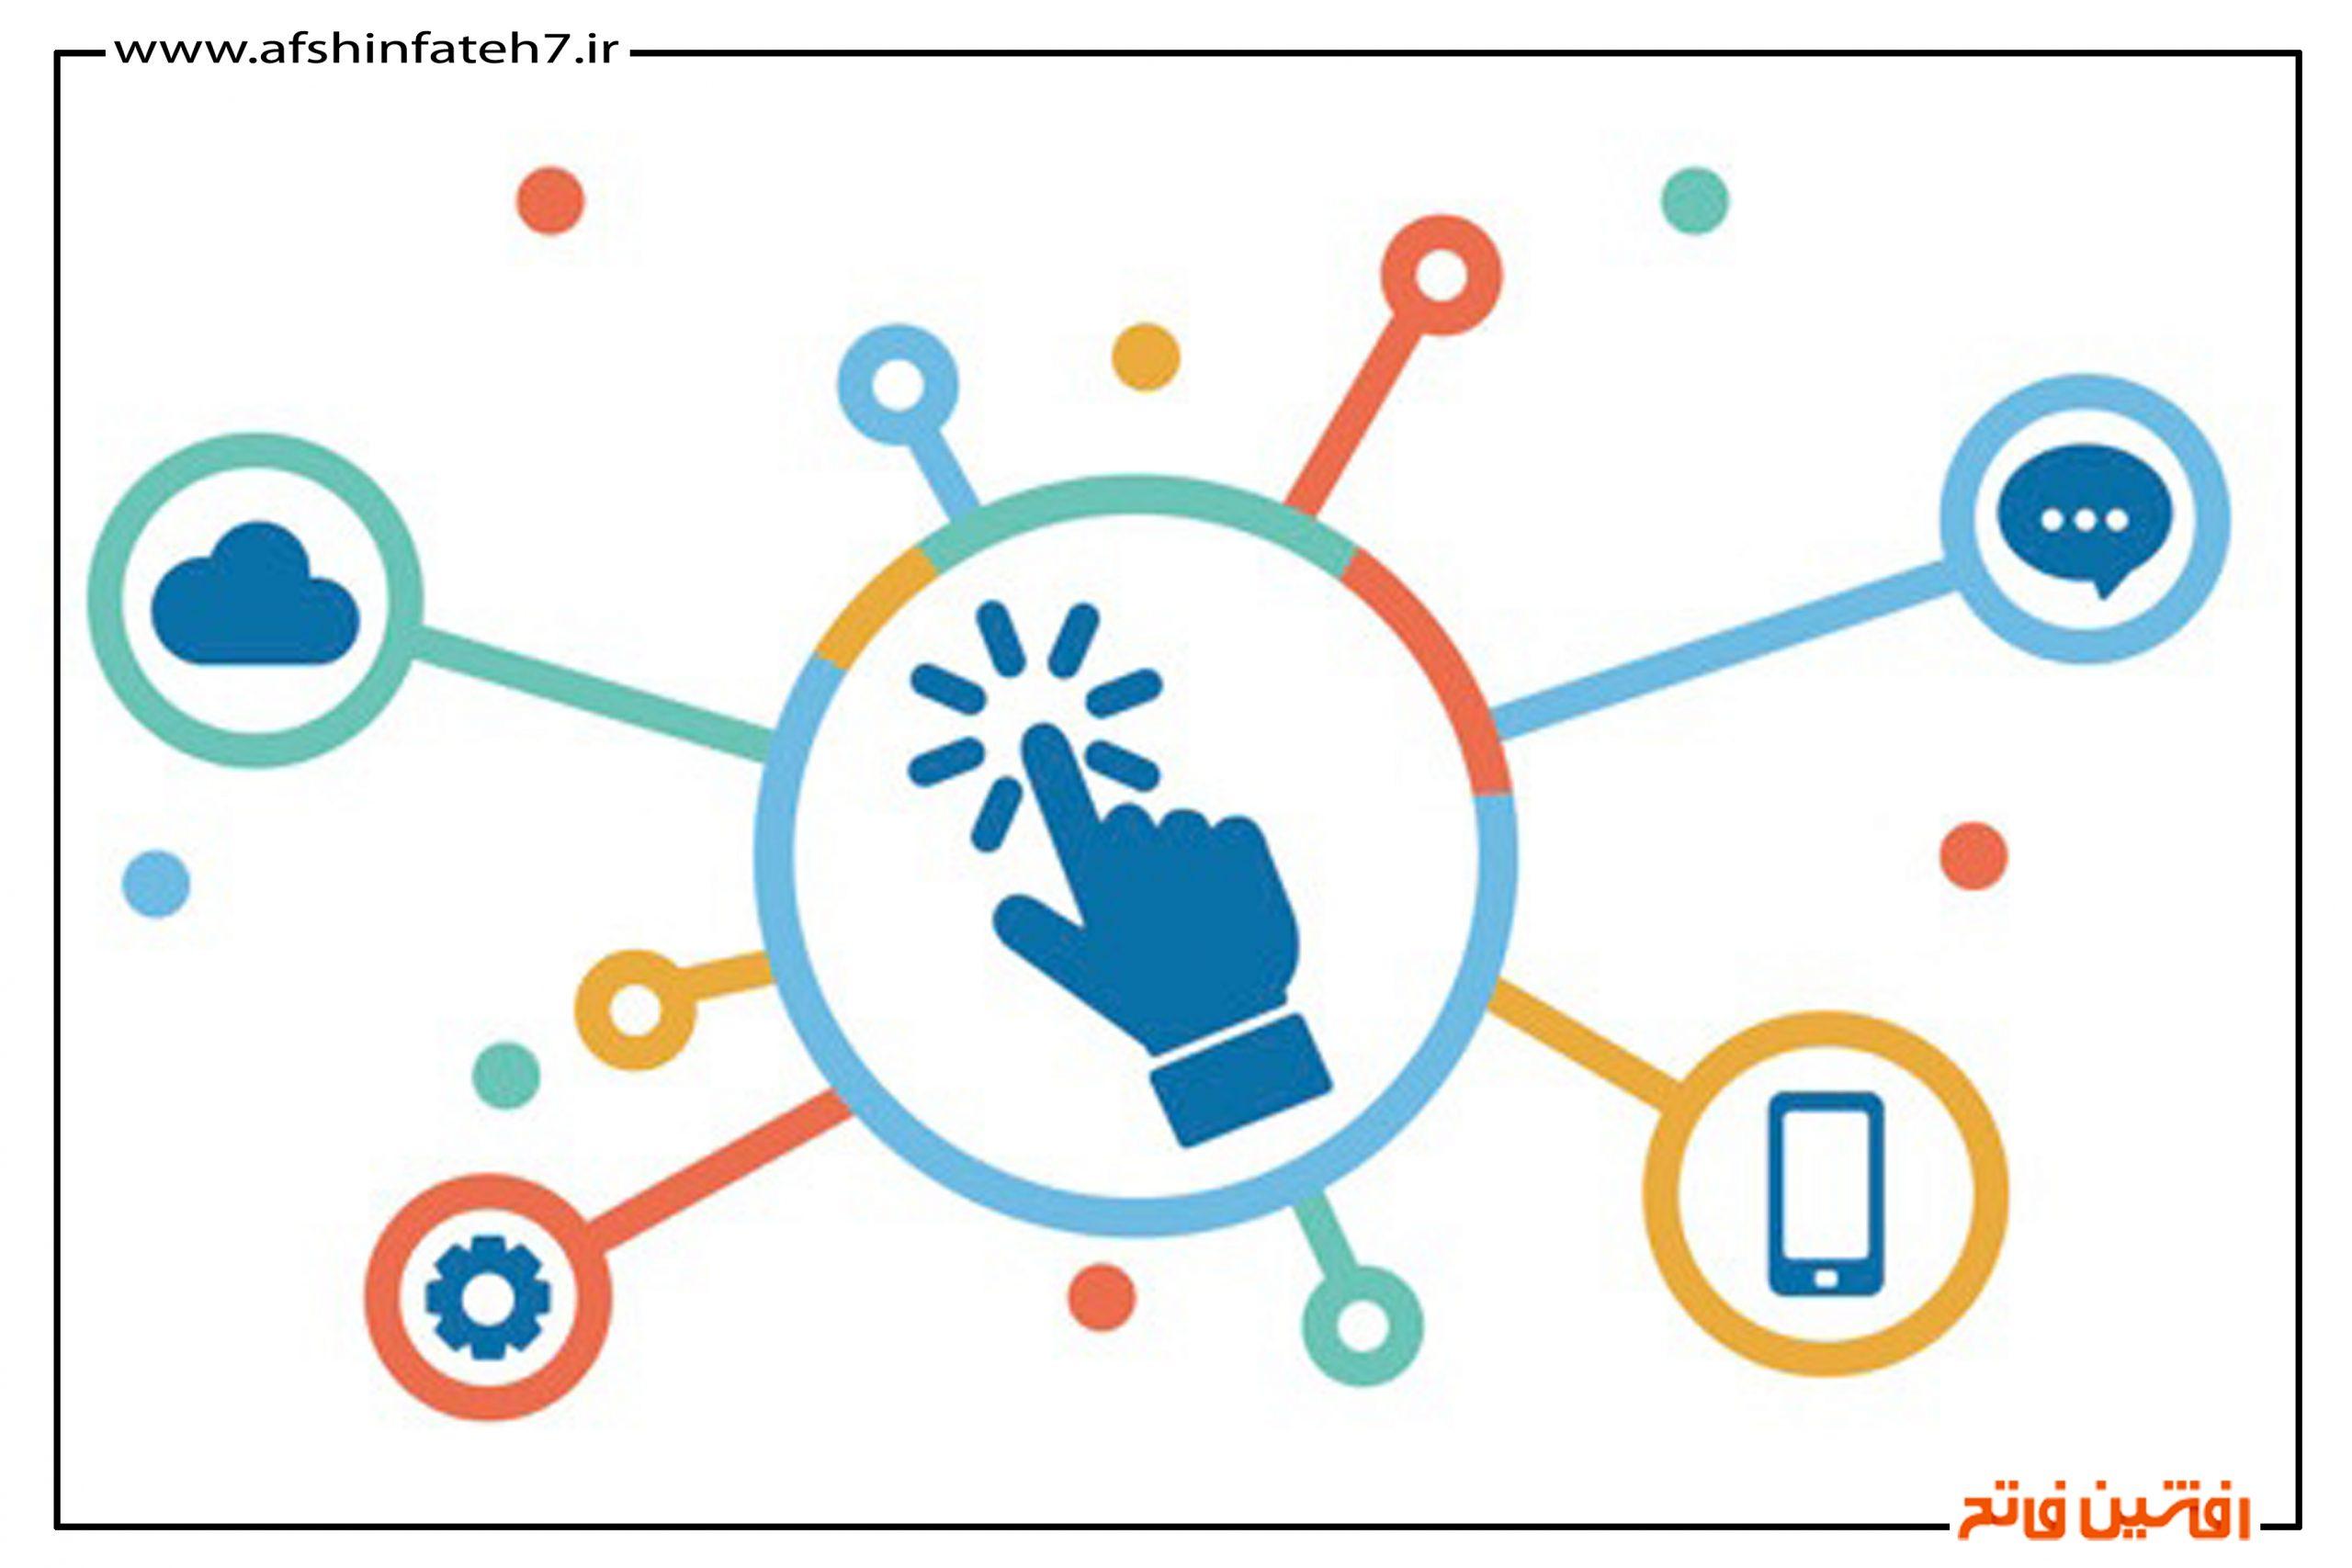 مدیریت نوآوری در کسب و کارهای ایرانی